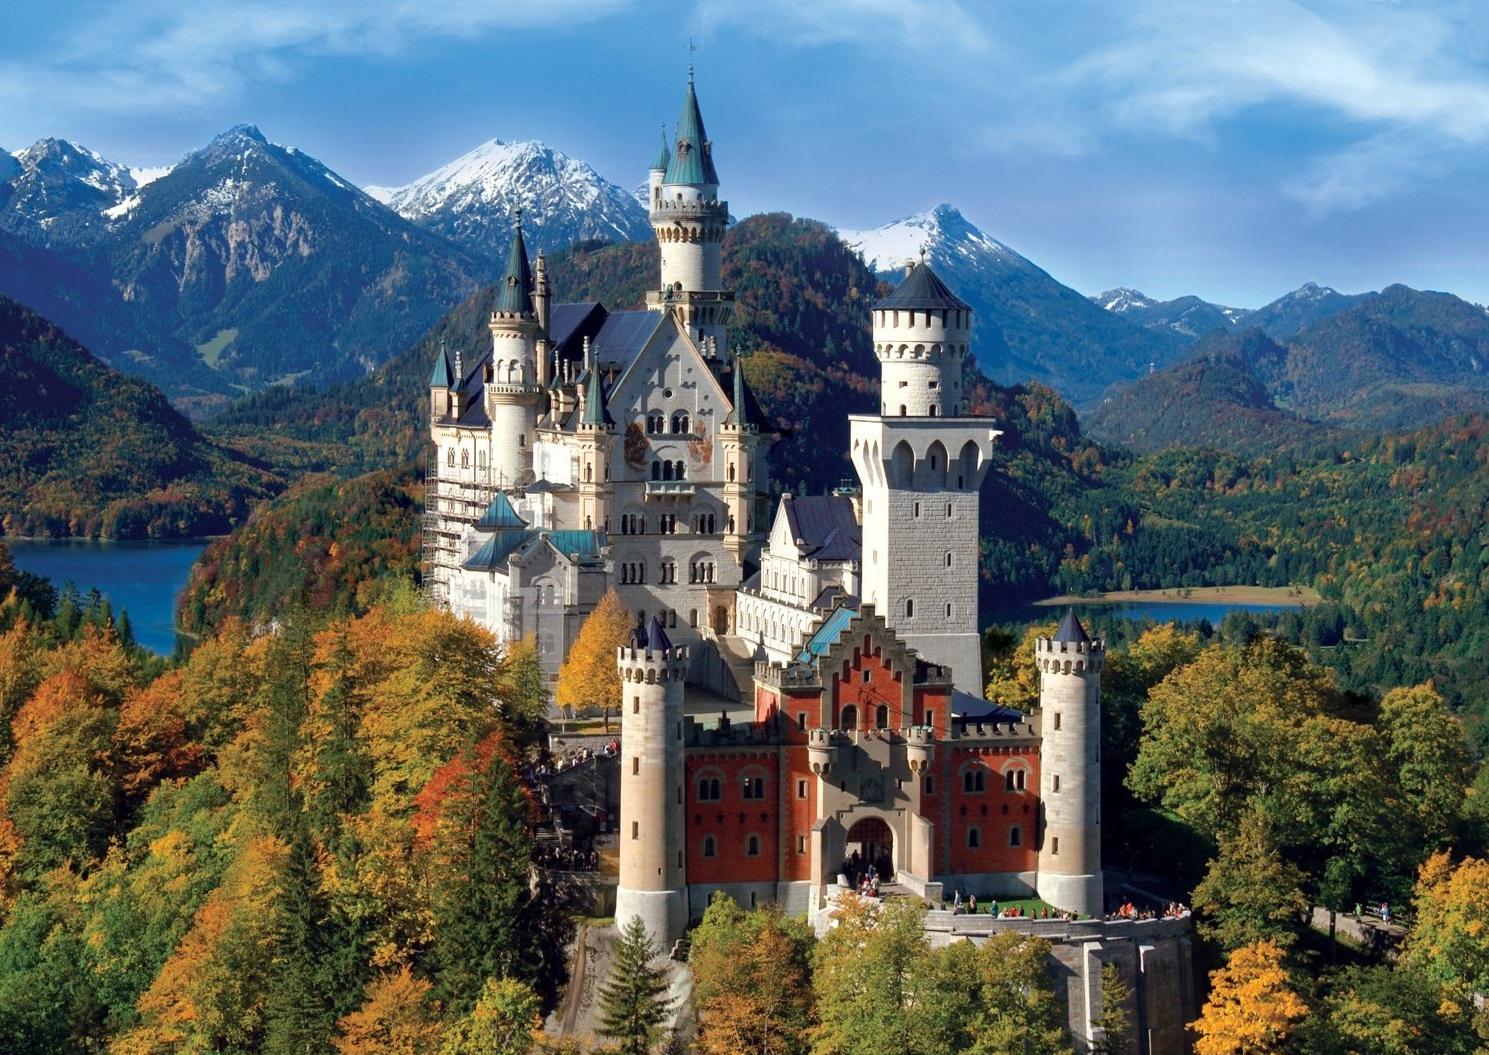 Lâu đài Neuschwanstein là lâu đài đẹp nhất nước Đức, nó là biểu tượng cho những lâu đài trong những bộ phim hoạt hình thế giới